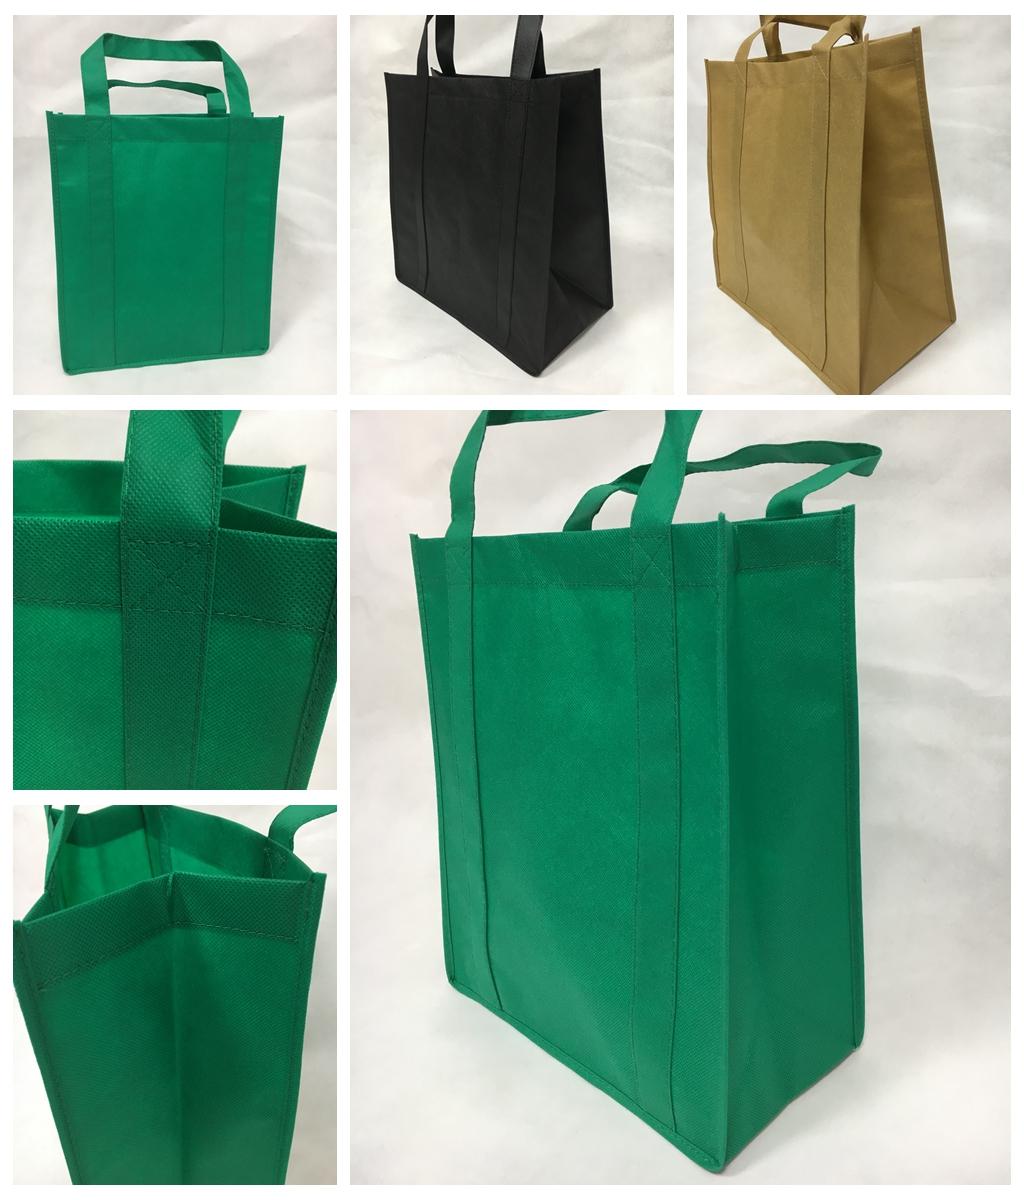 सस्ते मुद्रित अतिरिक्त बड़े पुन: प्रयोज्य किराने ढोना पीपी गैर बुना बड़ा शॉपिंग बैग